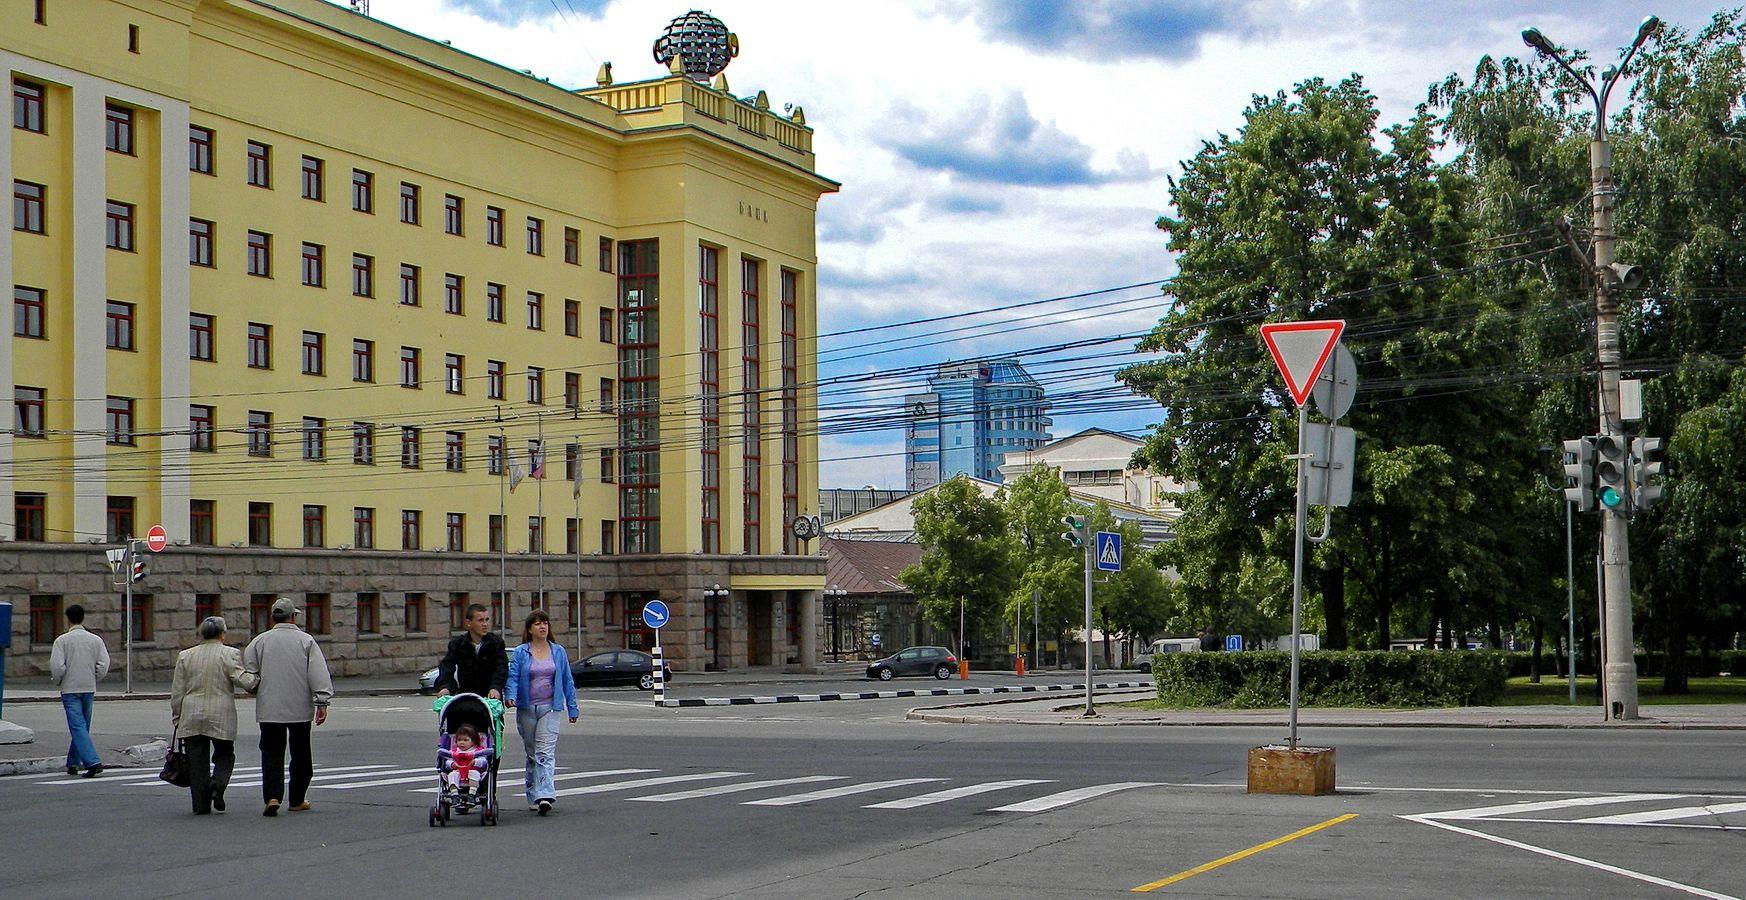 Челябинск. Инвестбанк на площади Революции, 8 город Челябинск улица здание.банка